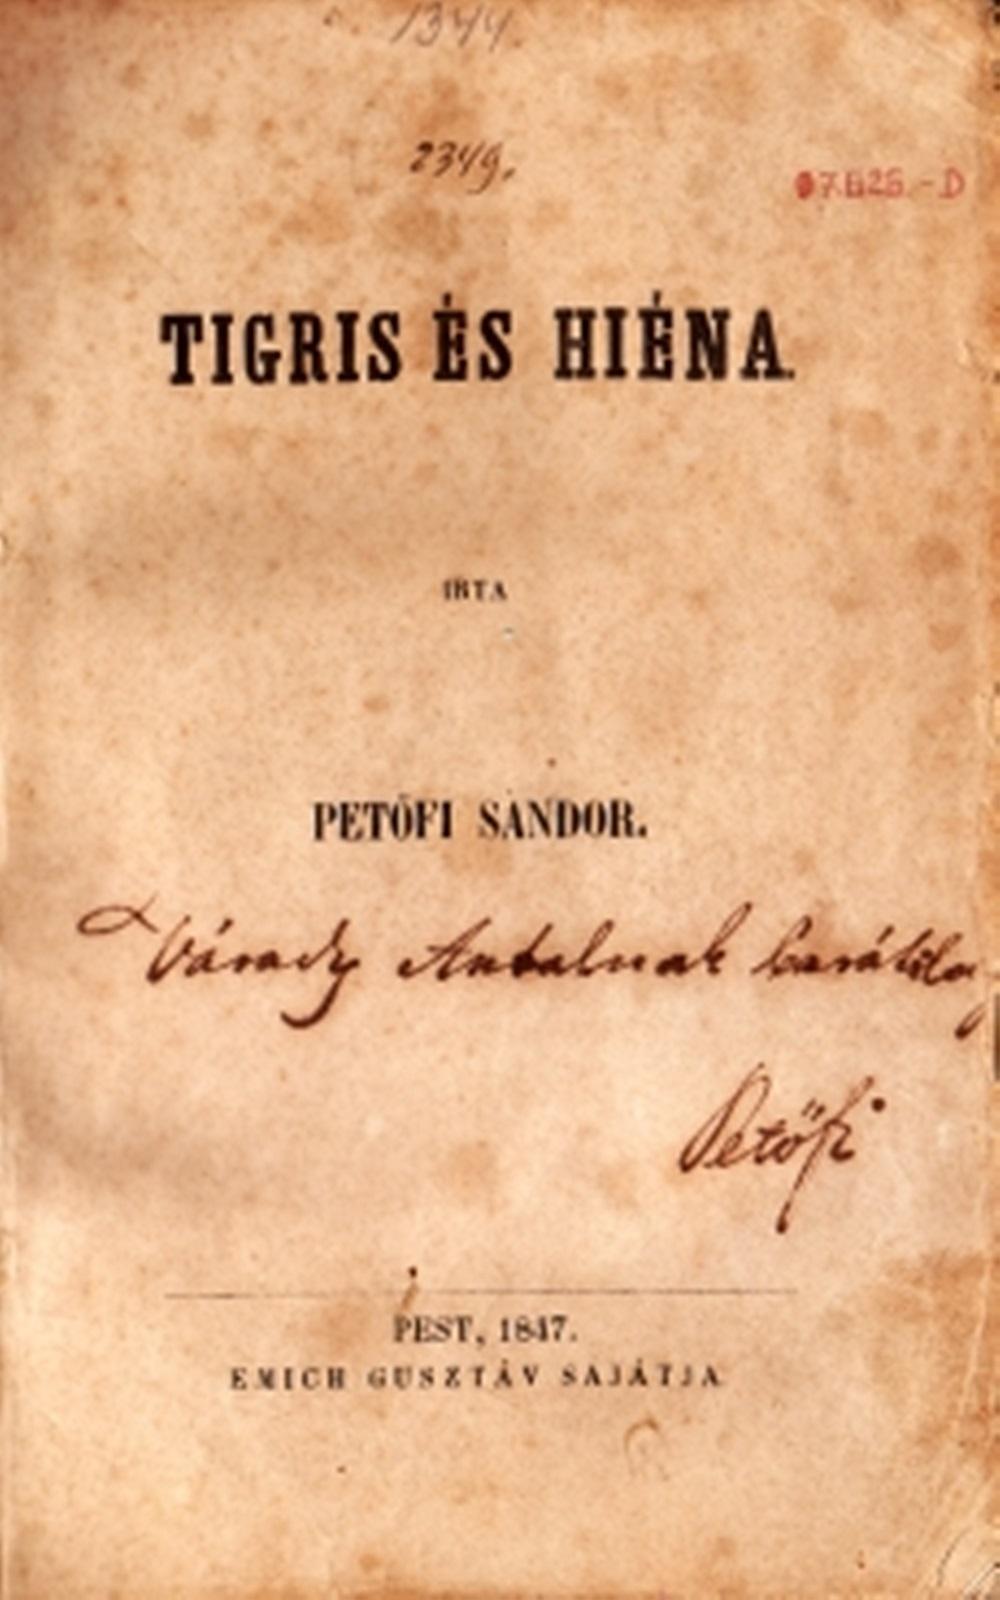 1273157511_tigris_es_hiena[368x368]